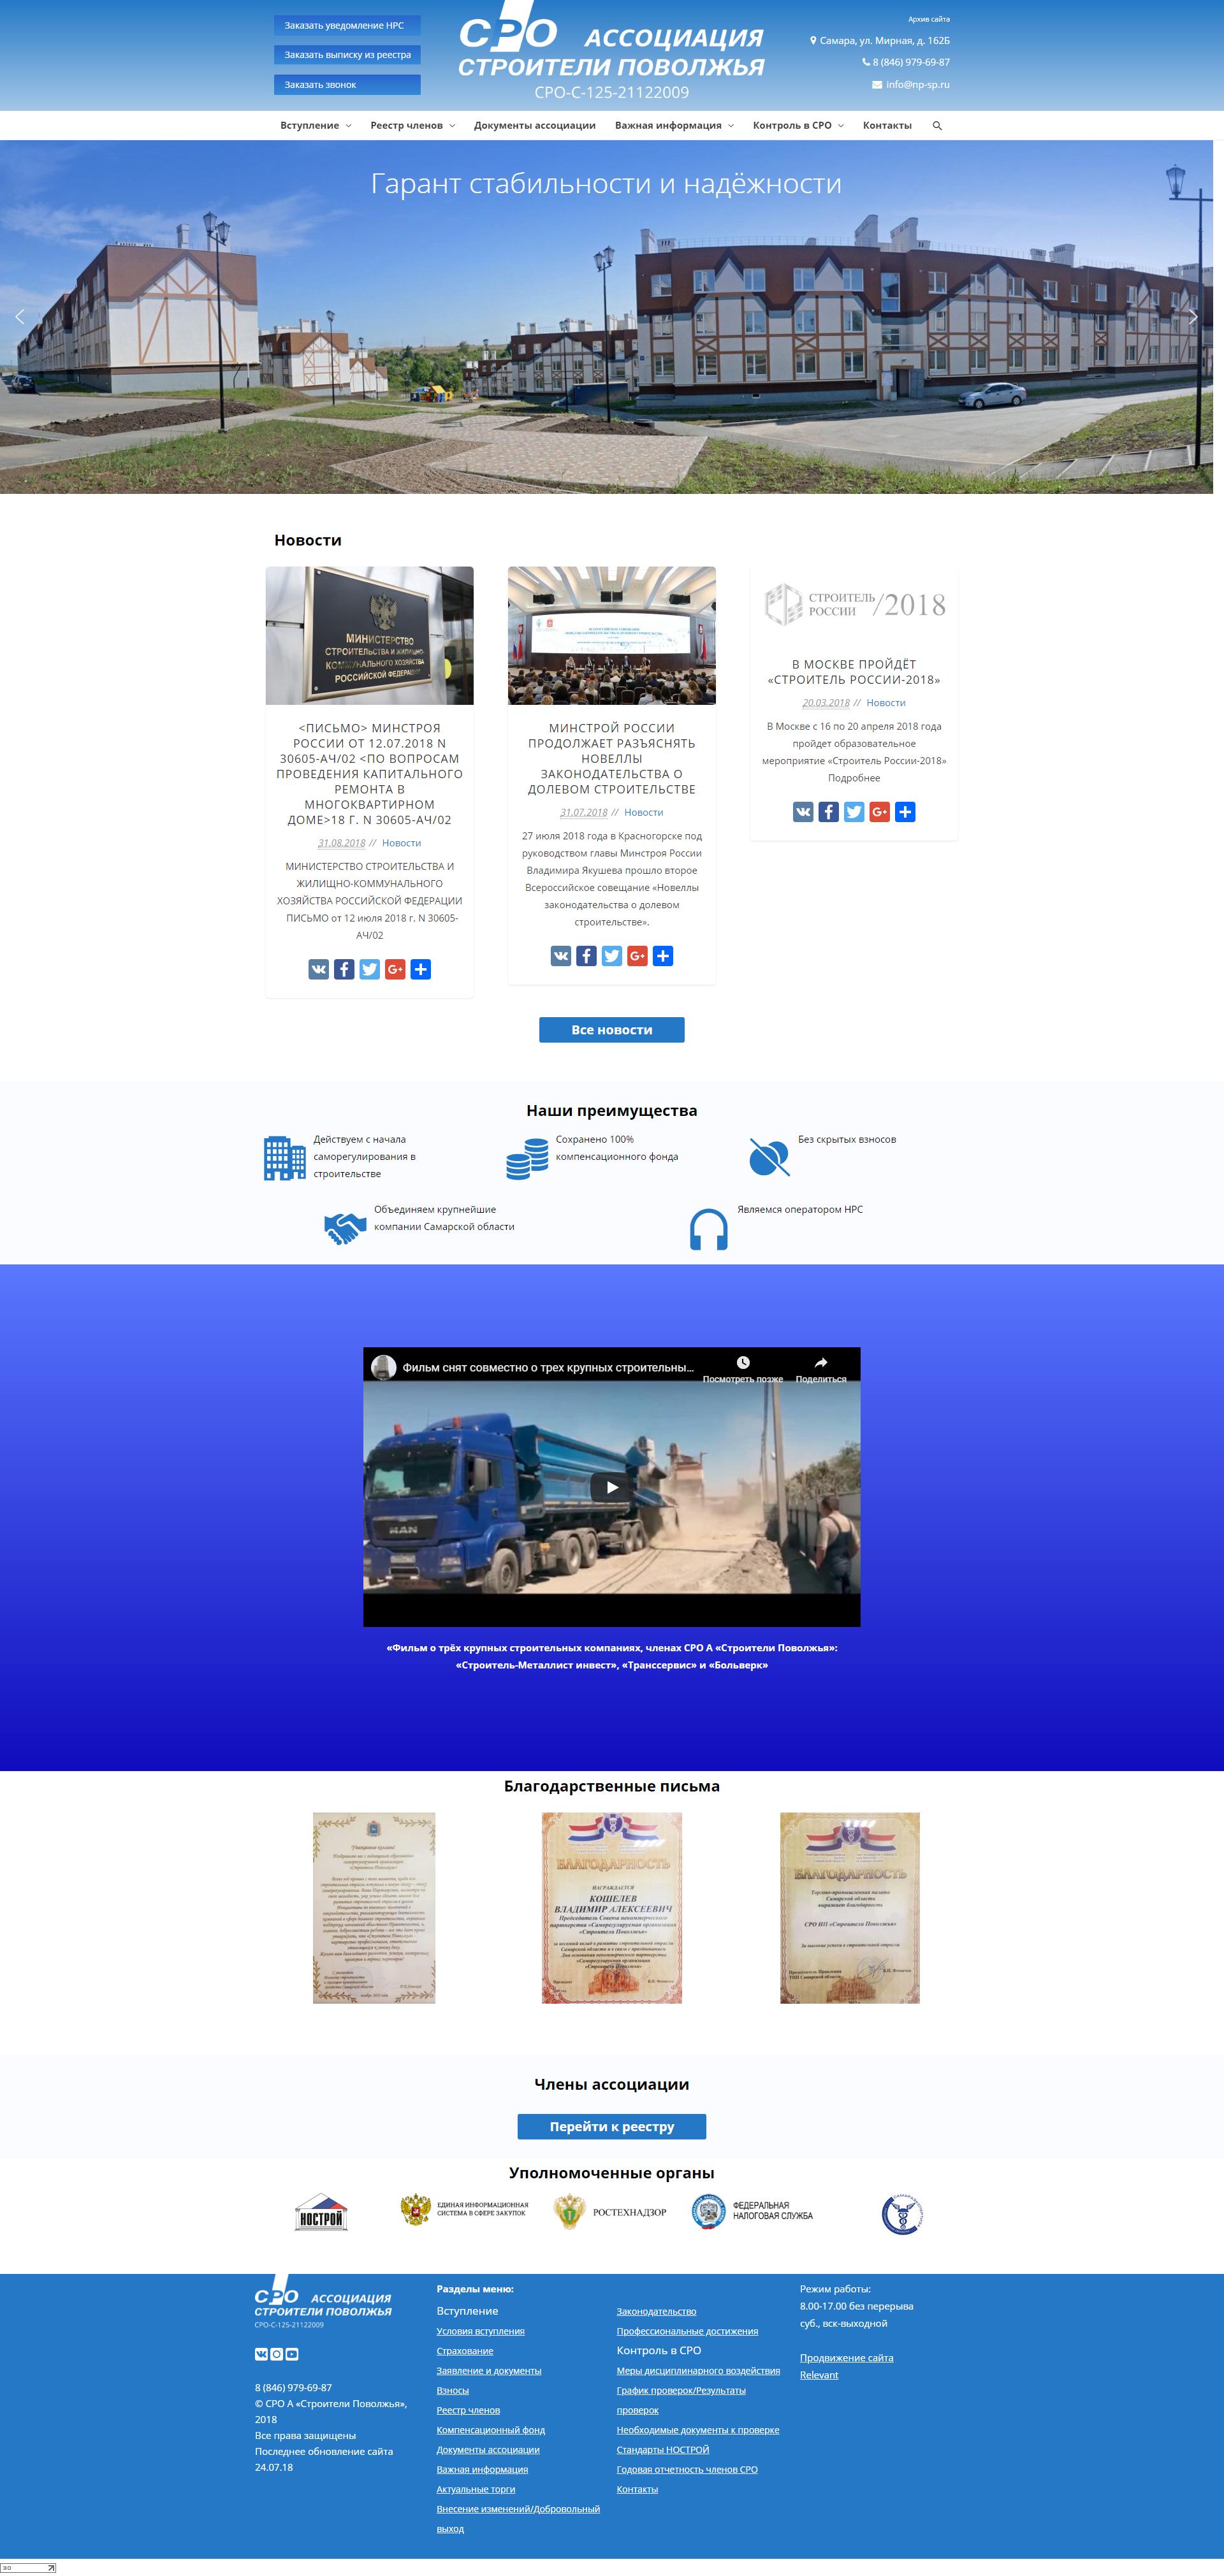 СРО - Строители Поволжья - Многостраничный сайт